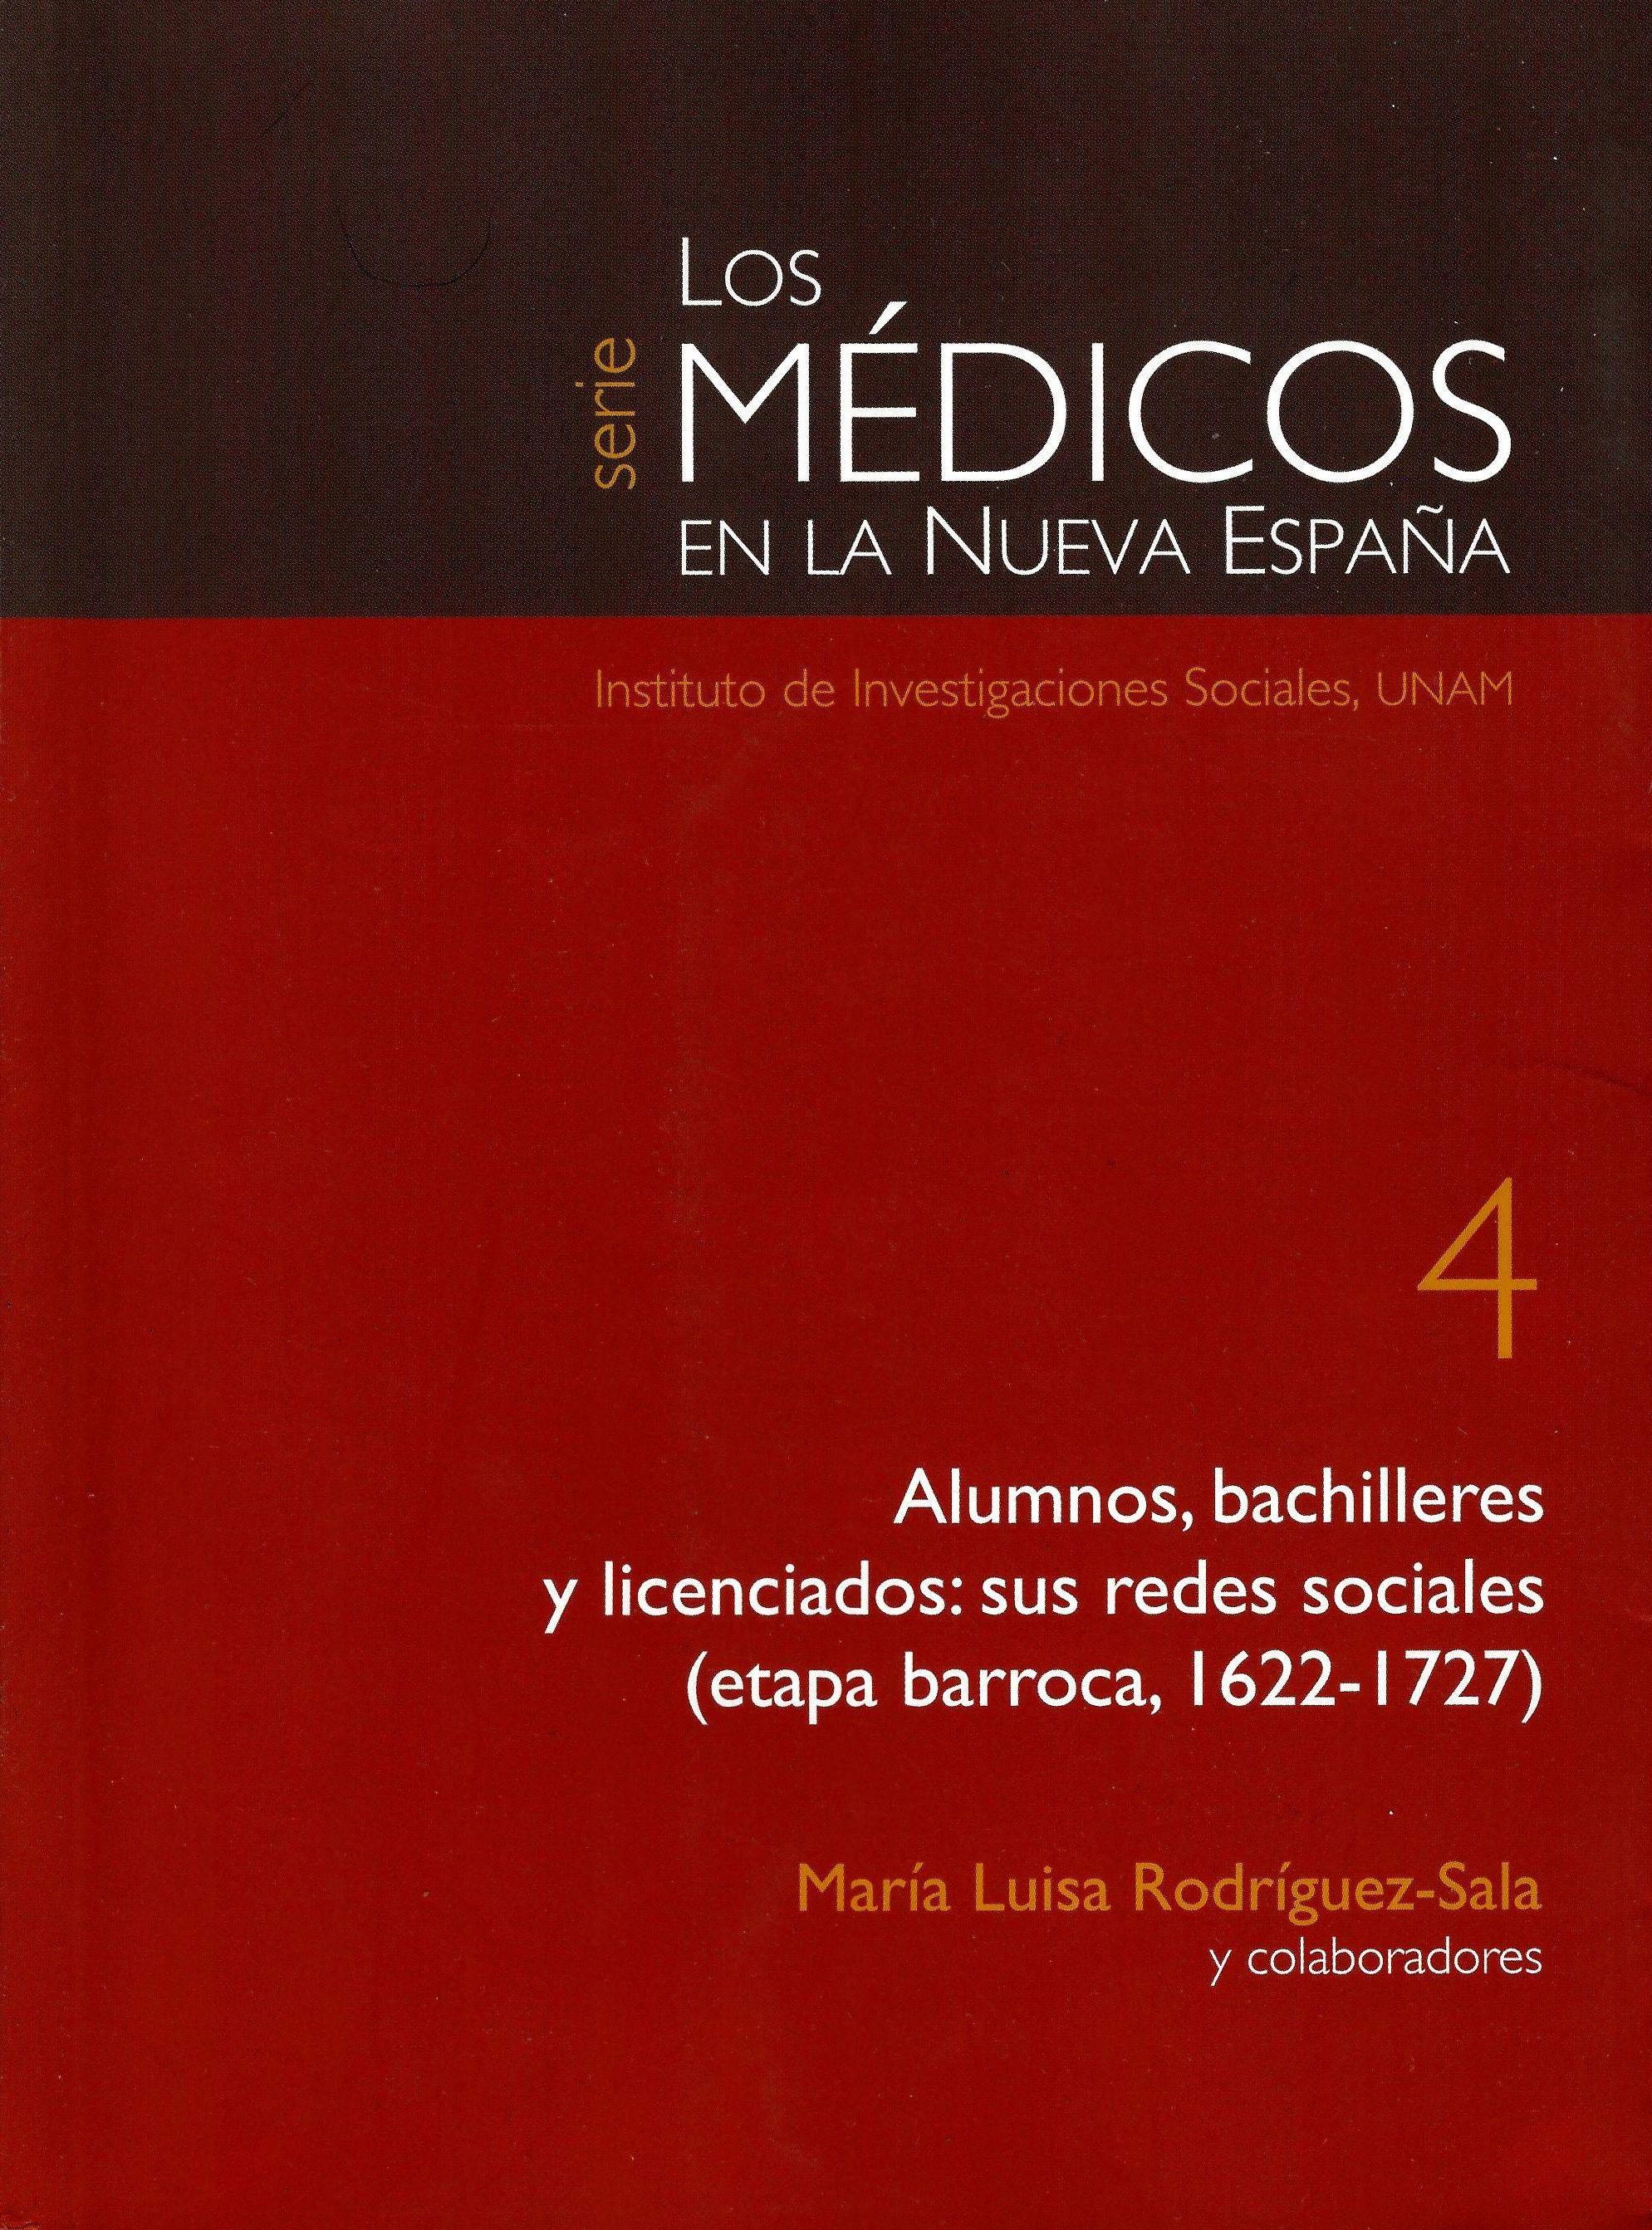 Alumnos, bachilleres y licenciados: sus redes sociales (etapa barroca, 1622-1727)